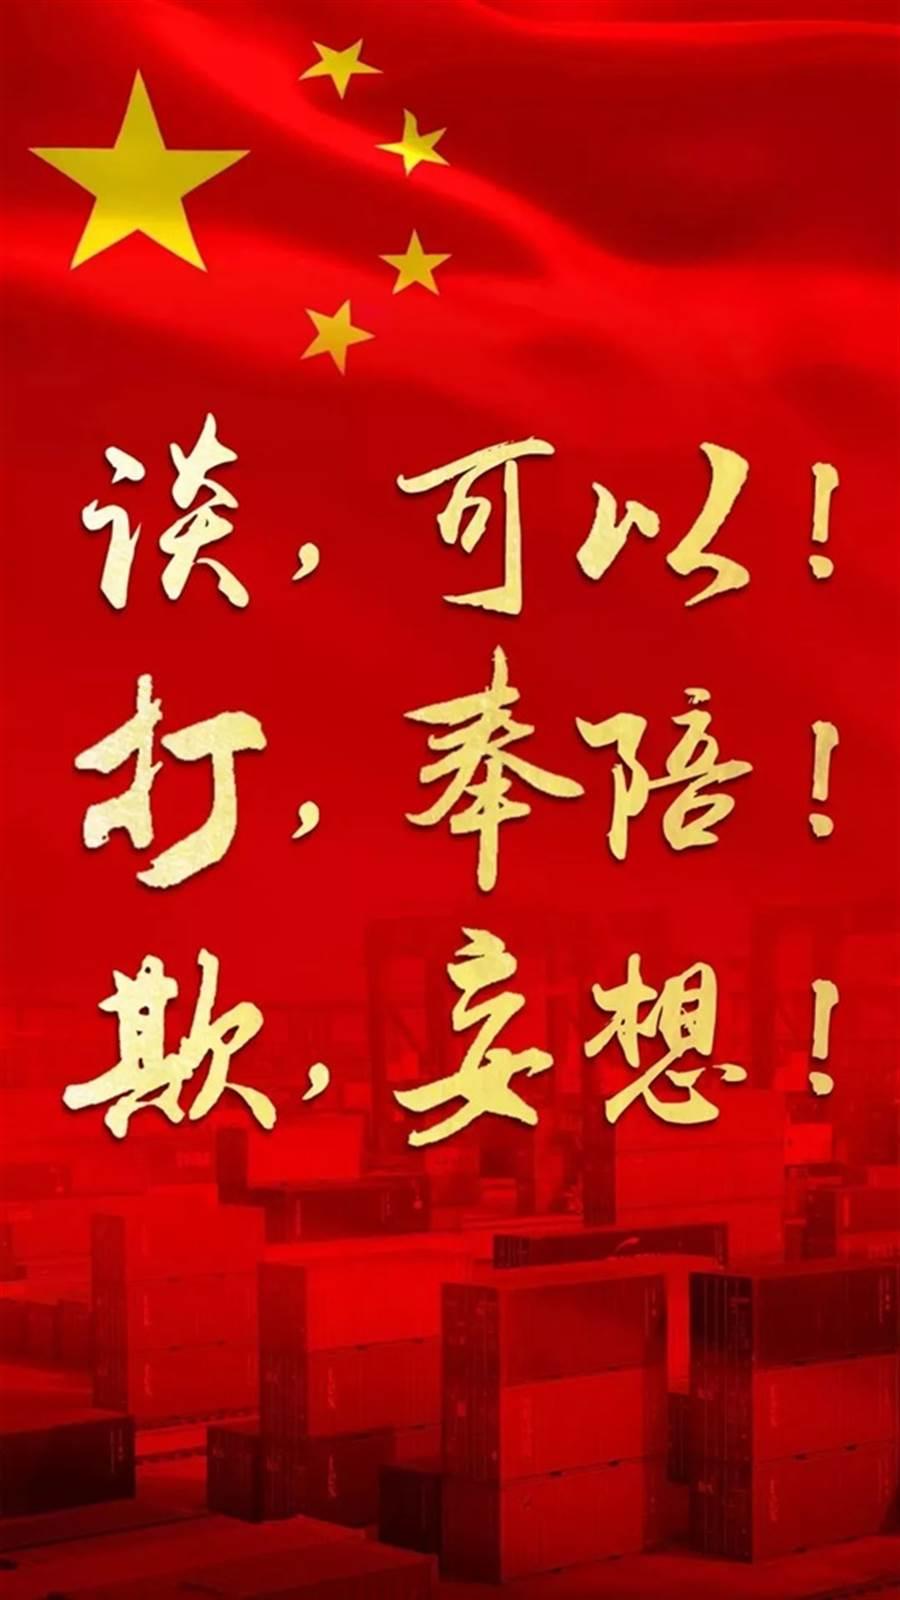 陸官媒以9字披露北京政府不輕易退讓的態度。(翻攝人民日報官網)。